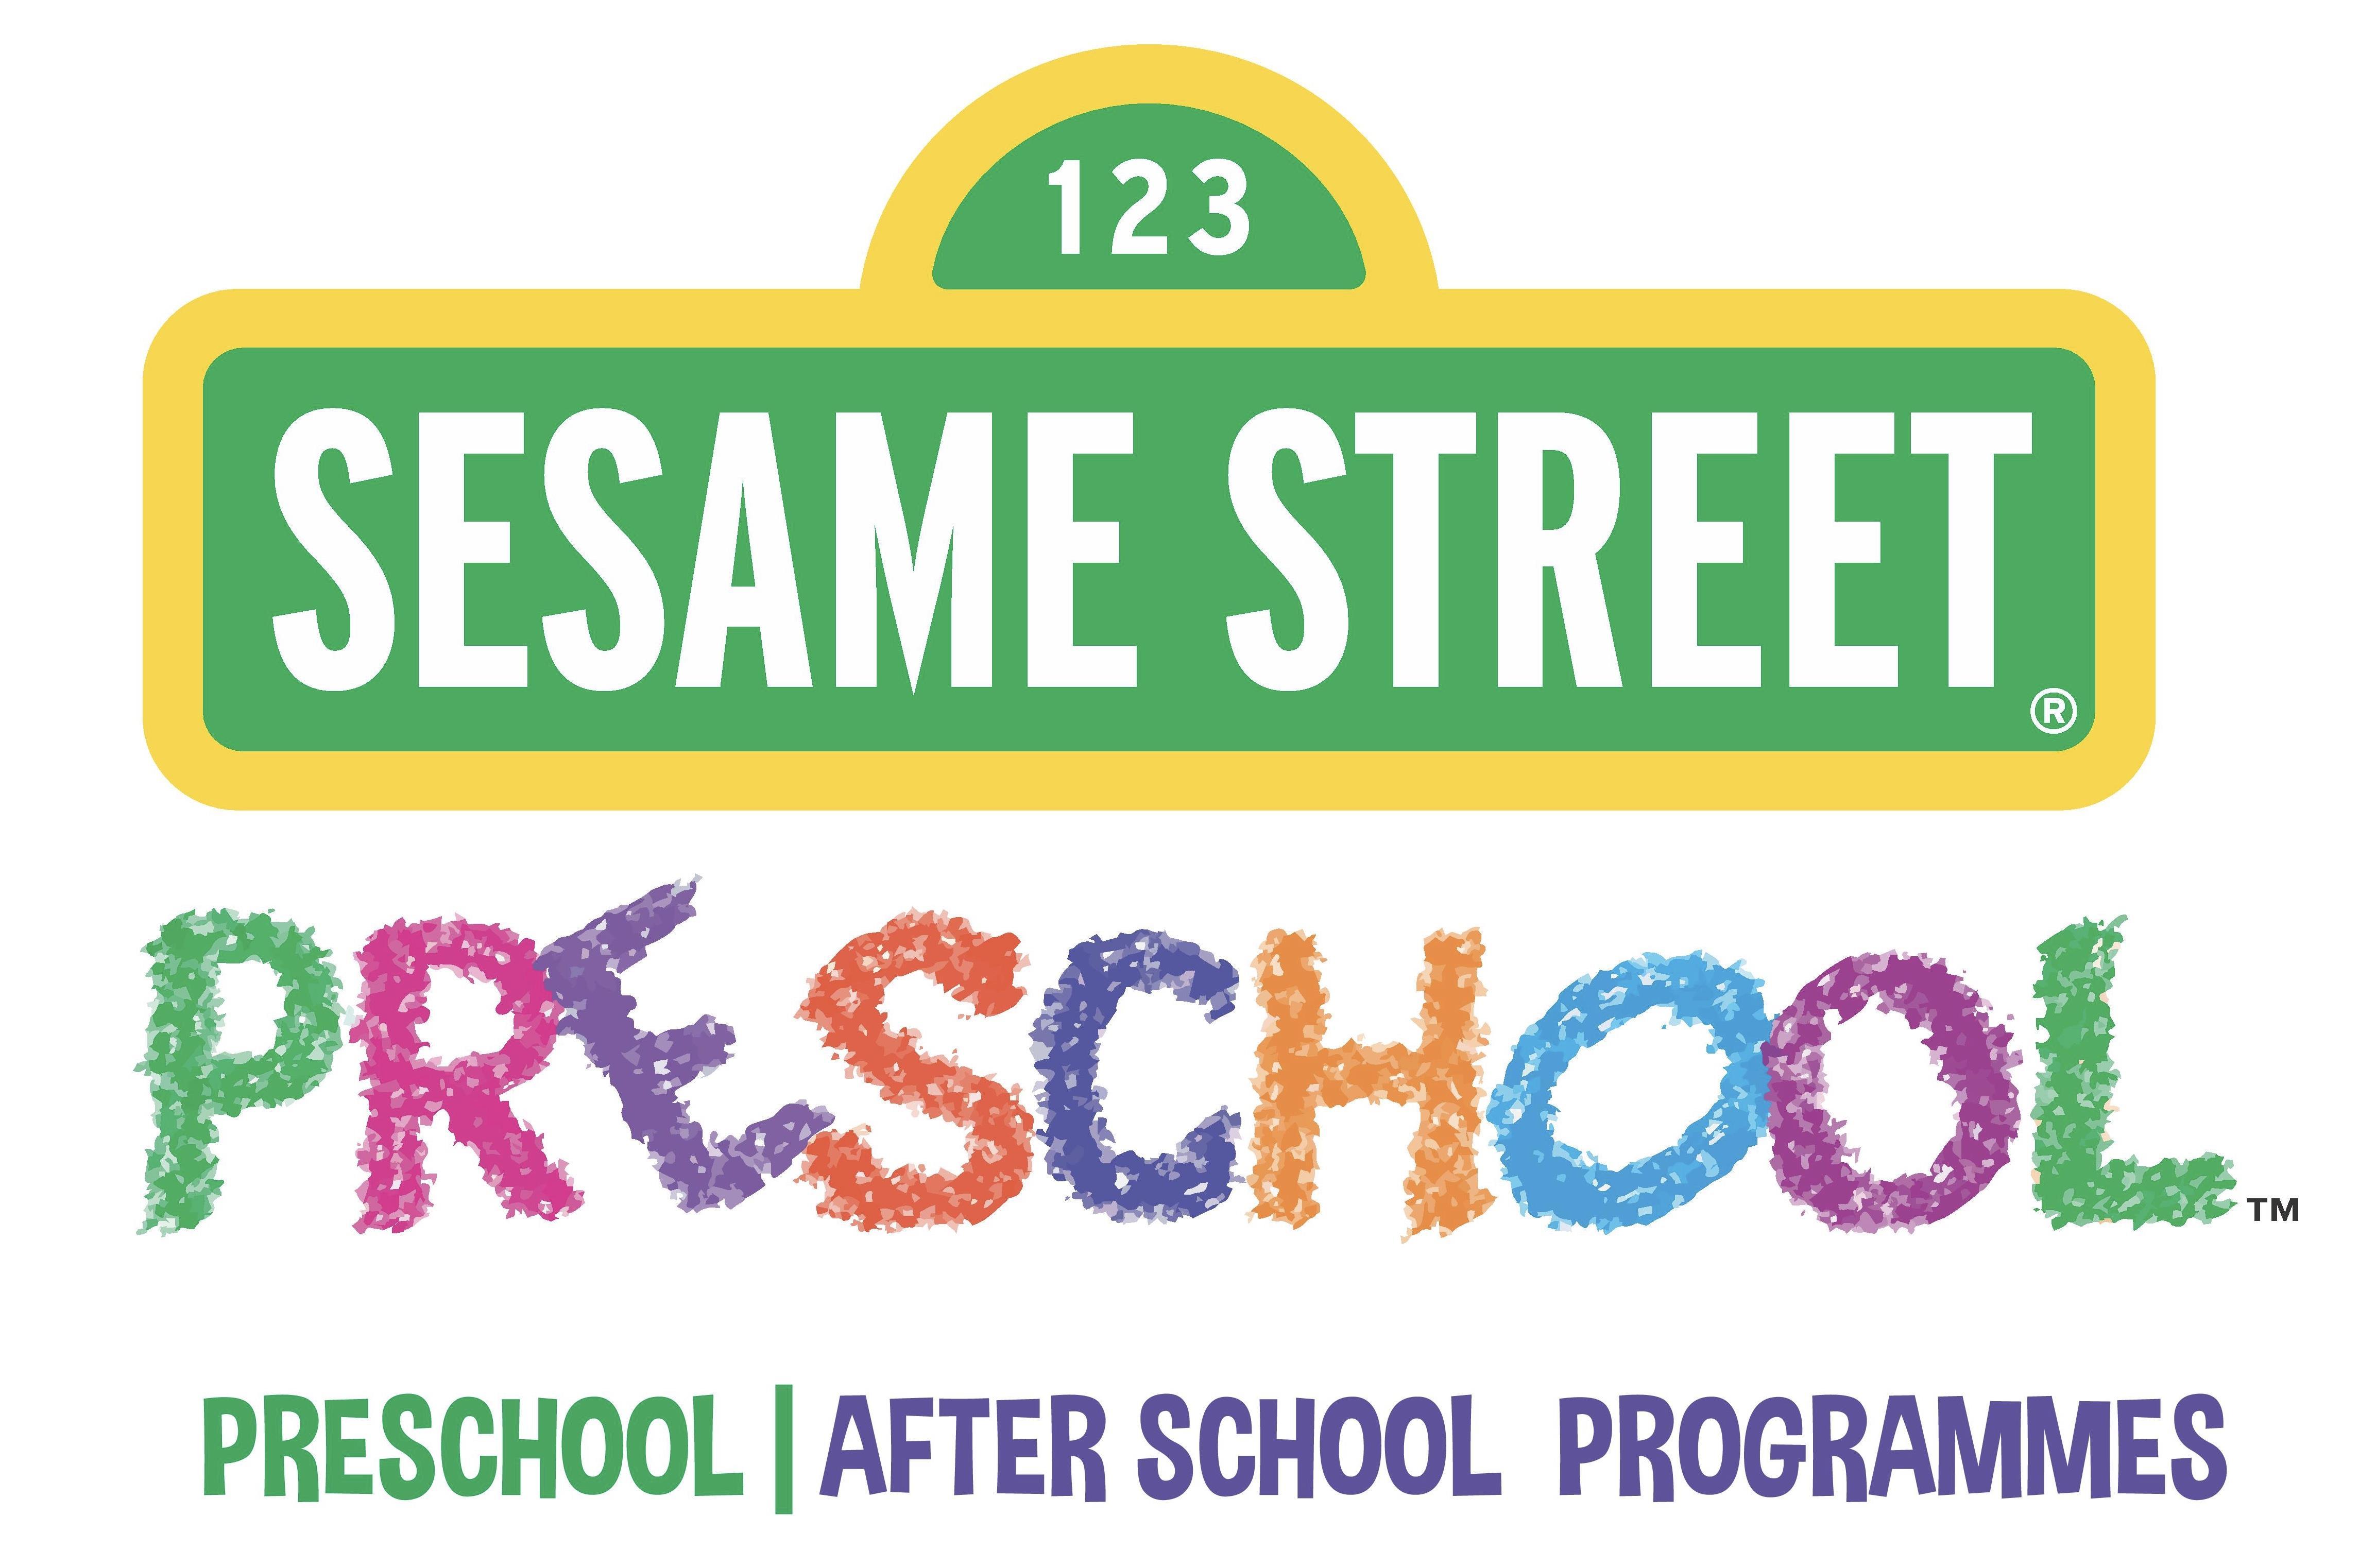 Sesame Street - Vadodara Image